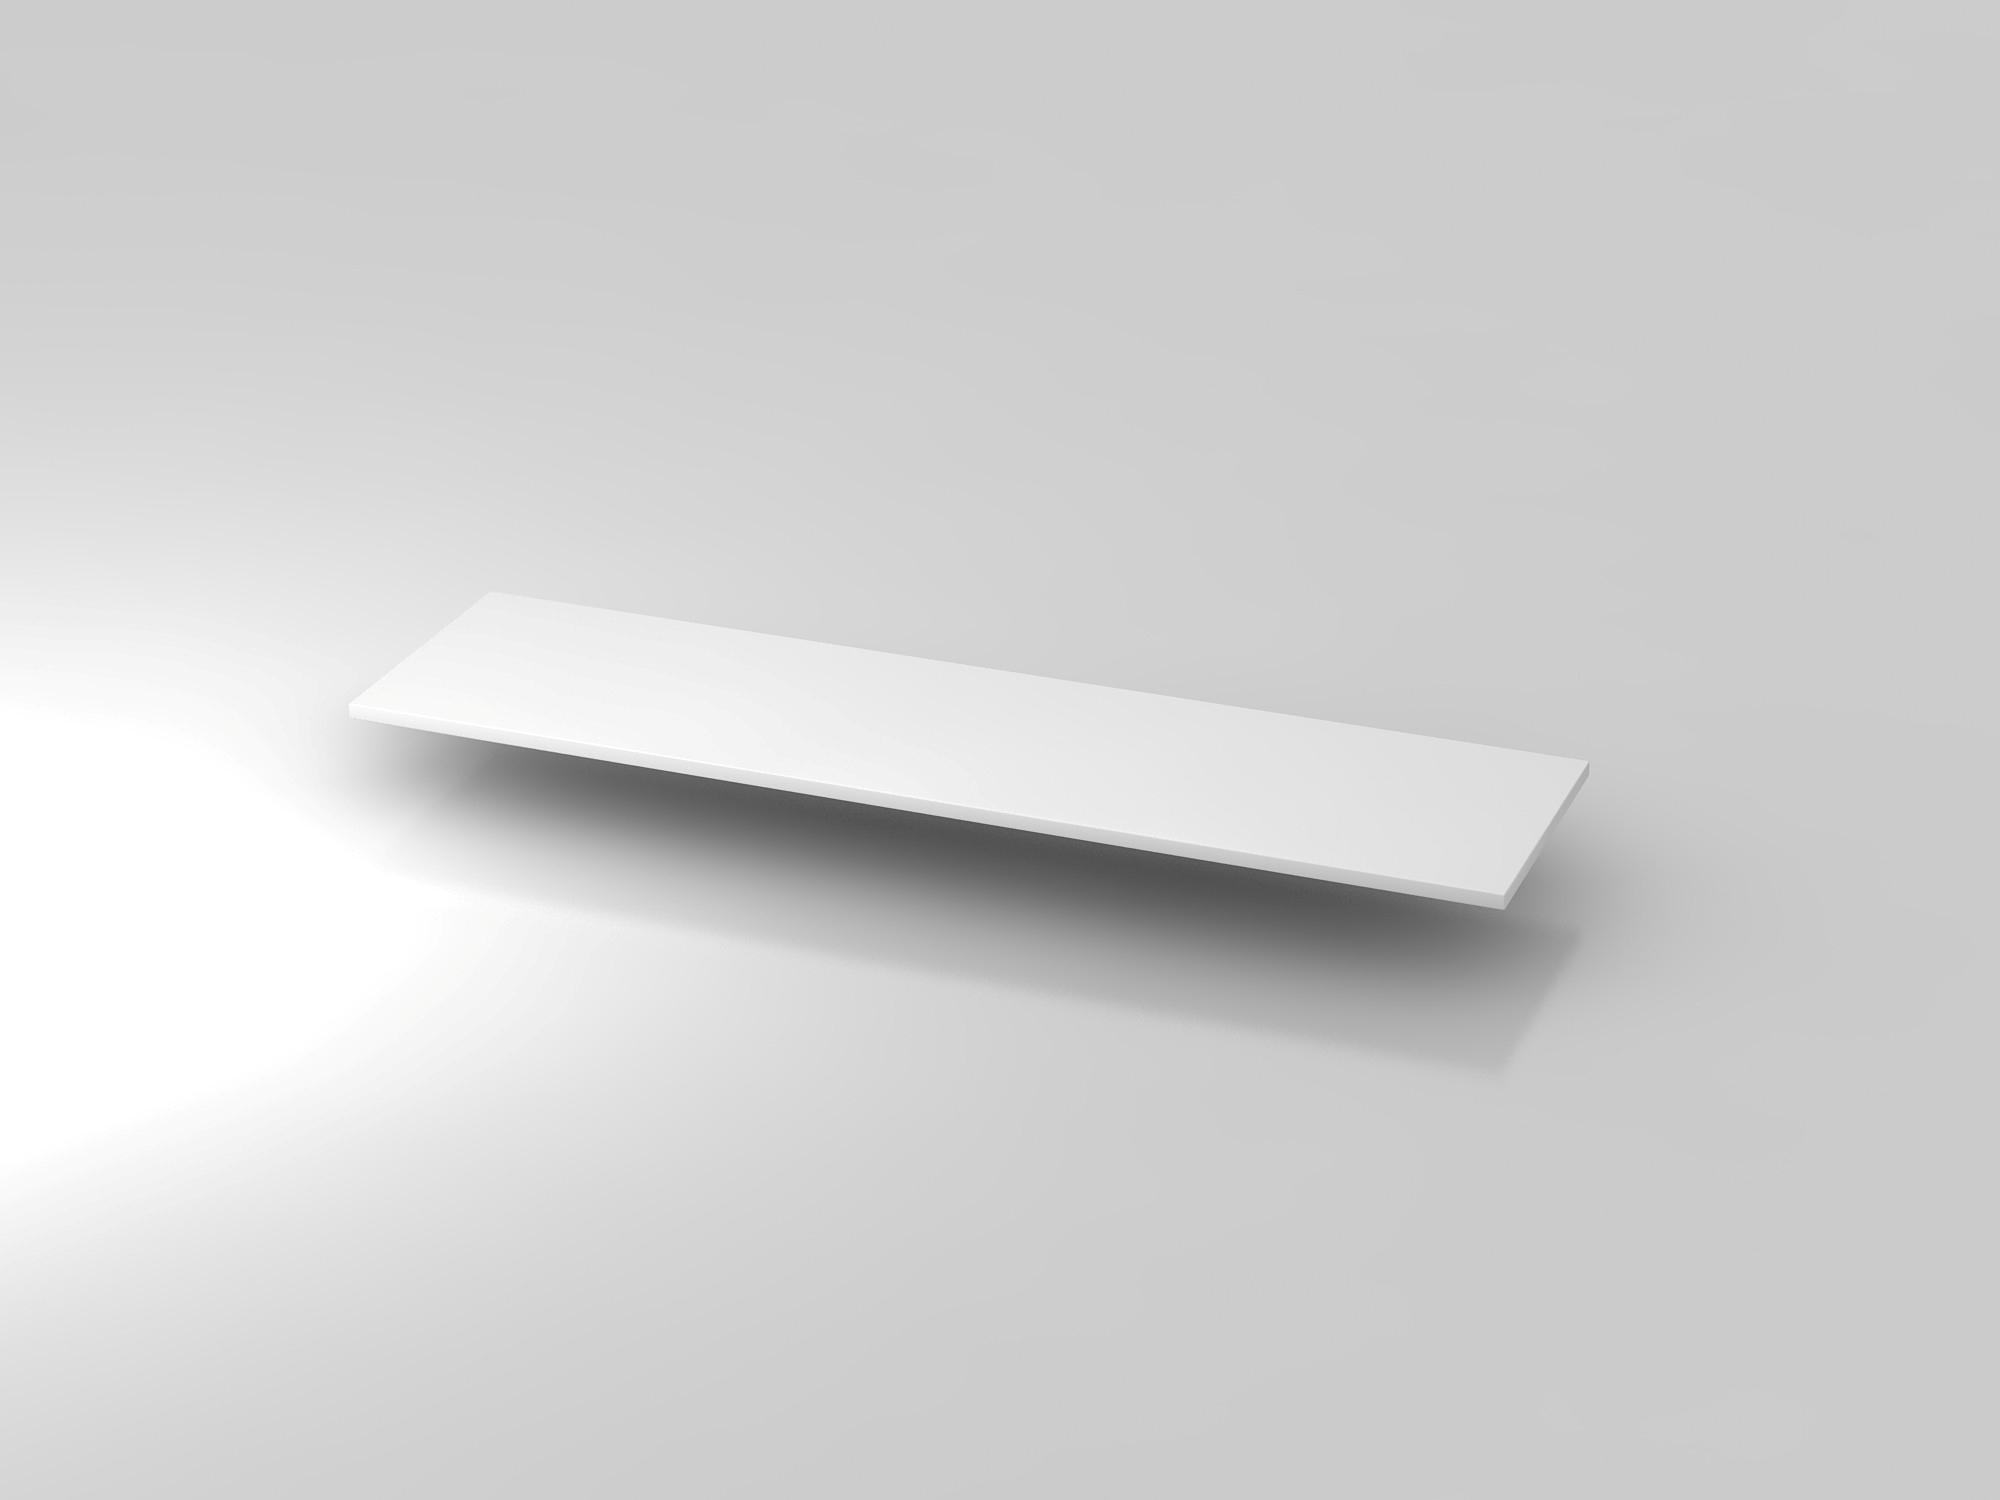 Abdeckplatte 160,5x43cm Weiß